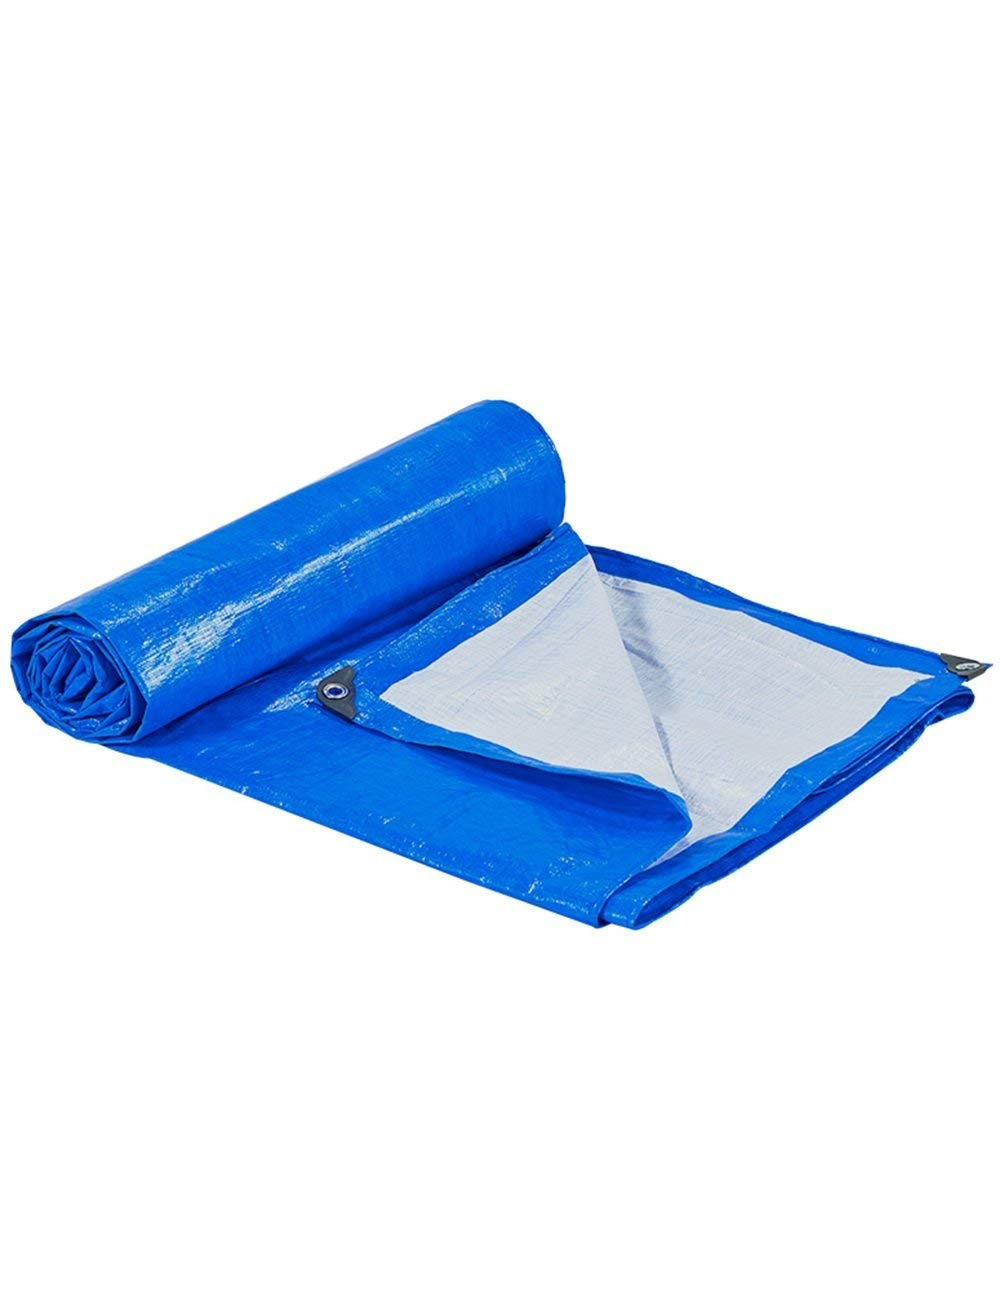 Fonly Telo per tenda tenda tenda da campeggio impermeabile per tende da campeggio resistente alla tarpa (Dimensione   2m3m) B07GWRXX23 2m3m | Nuovo Arrivo  | Moderno Ed Elegante A Moda  | Qualità Primacy  | Di Prima Qualità  ebb629